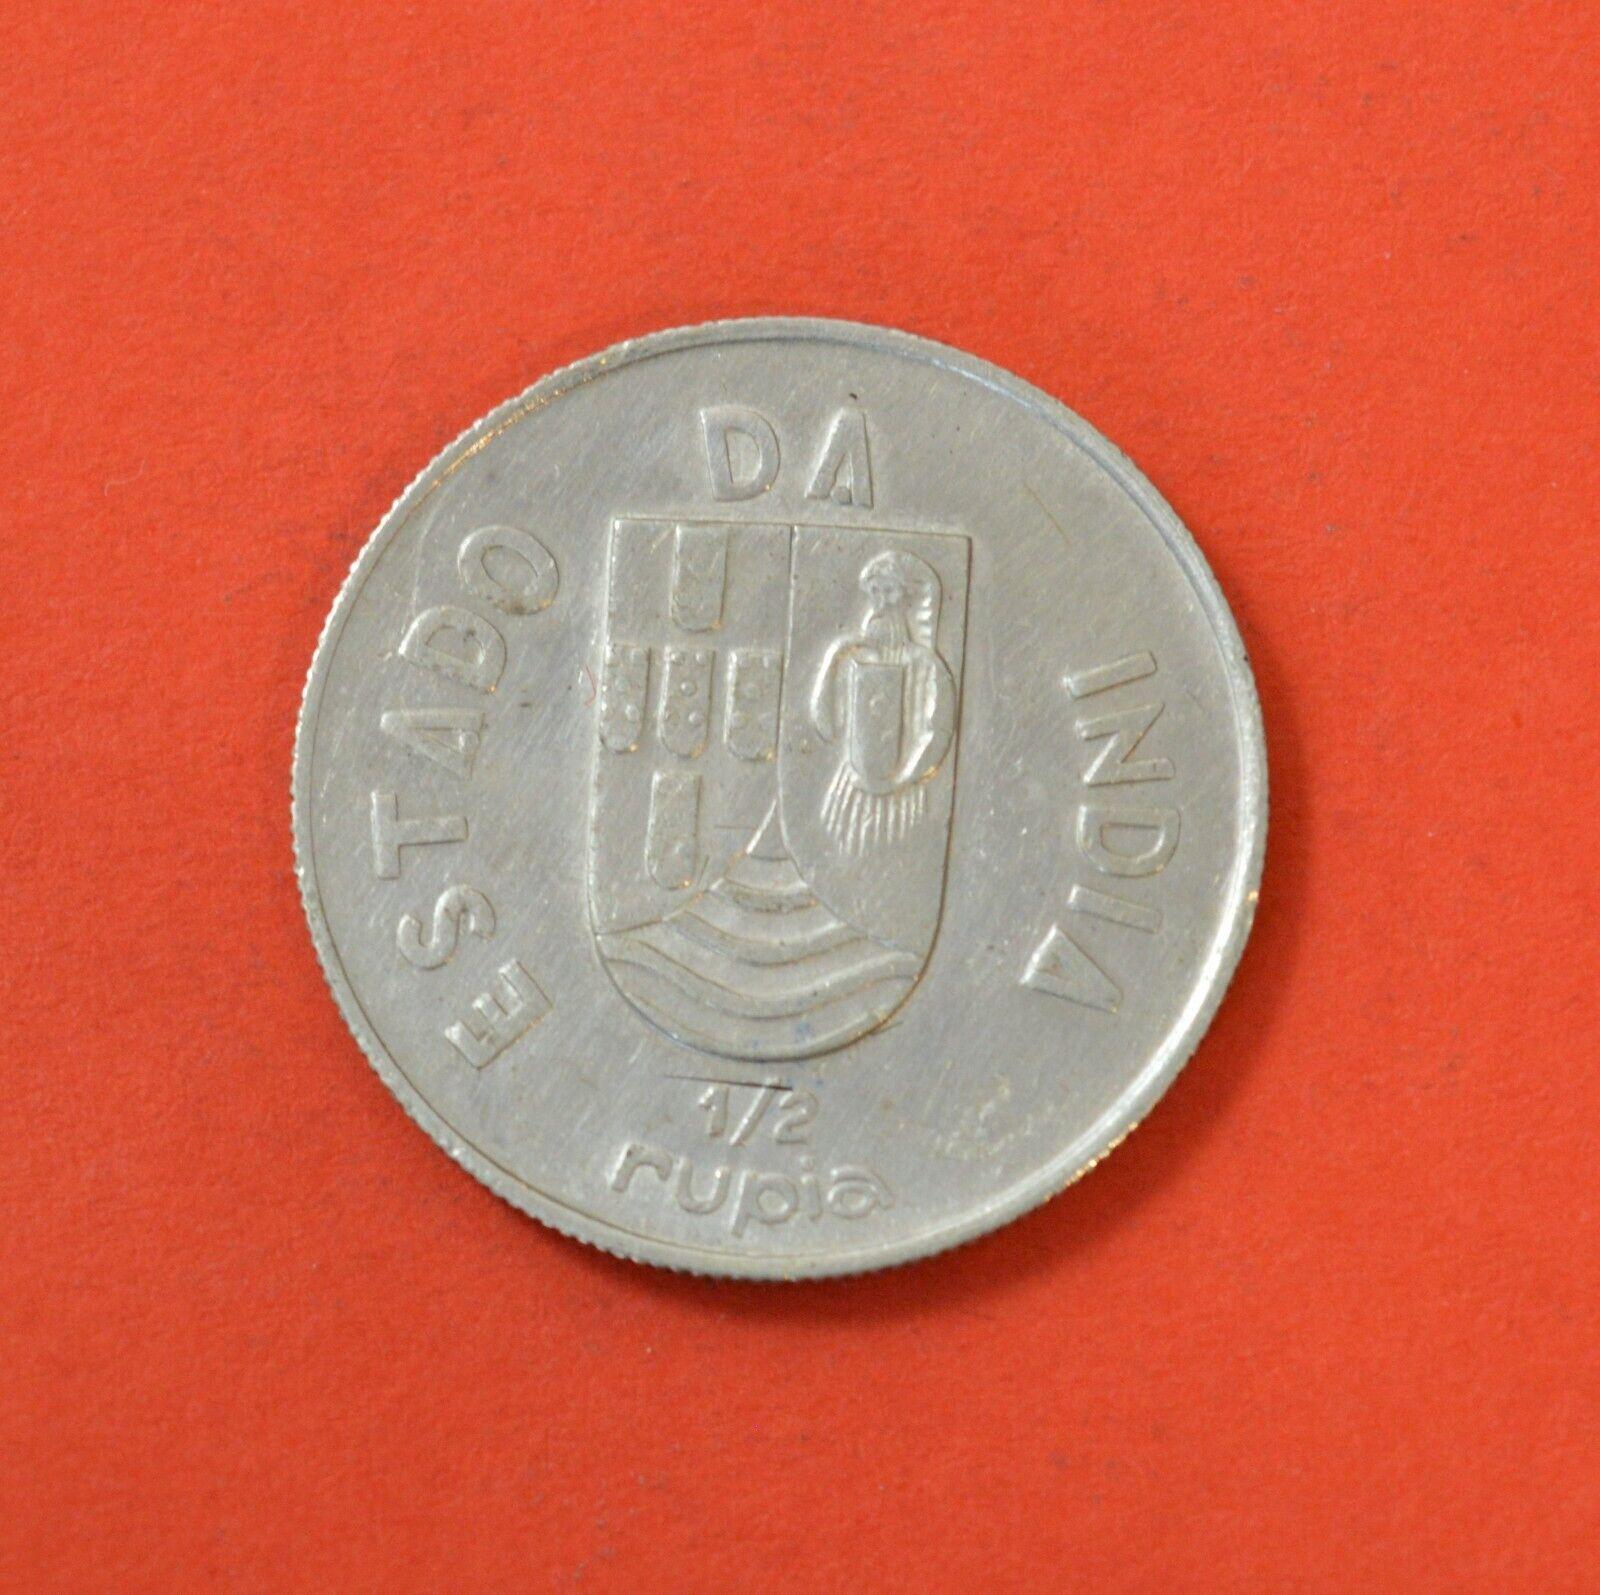 INDIA (PORTUGUESE) 1/2 RUPIA 1936, Silver Coin   [#8463]